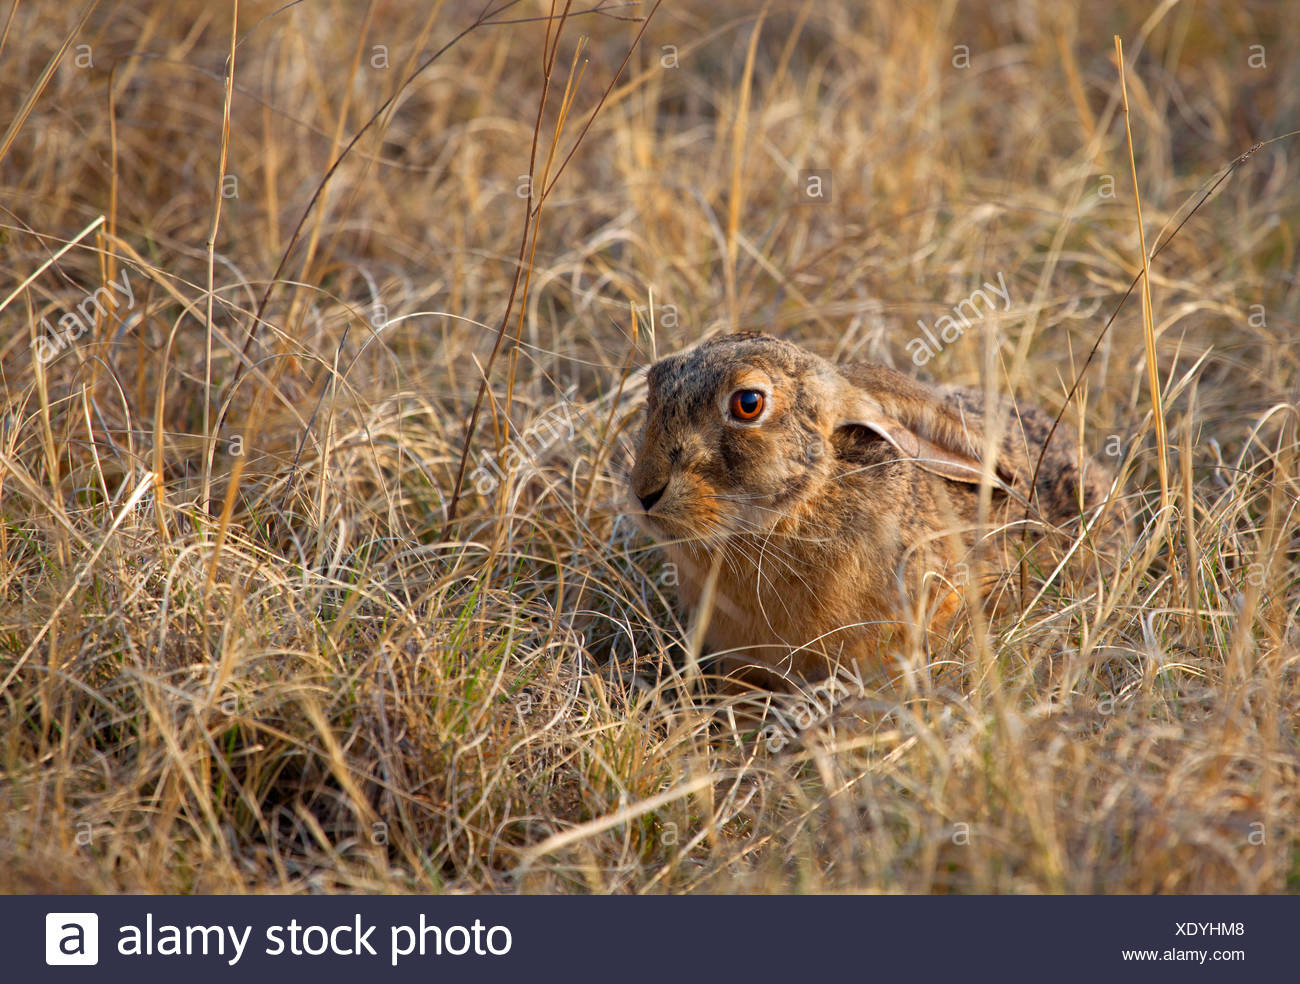 Cape hare, marrón de la liebre (Lepus capensis), bien camuflados en pasto seco, Sudáfrica Foto de stock